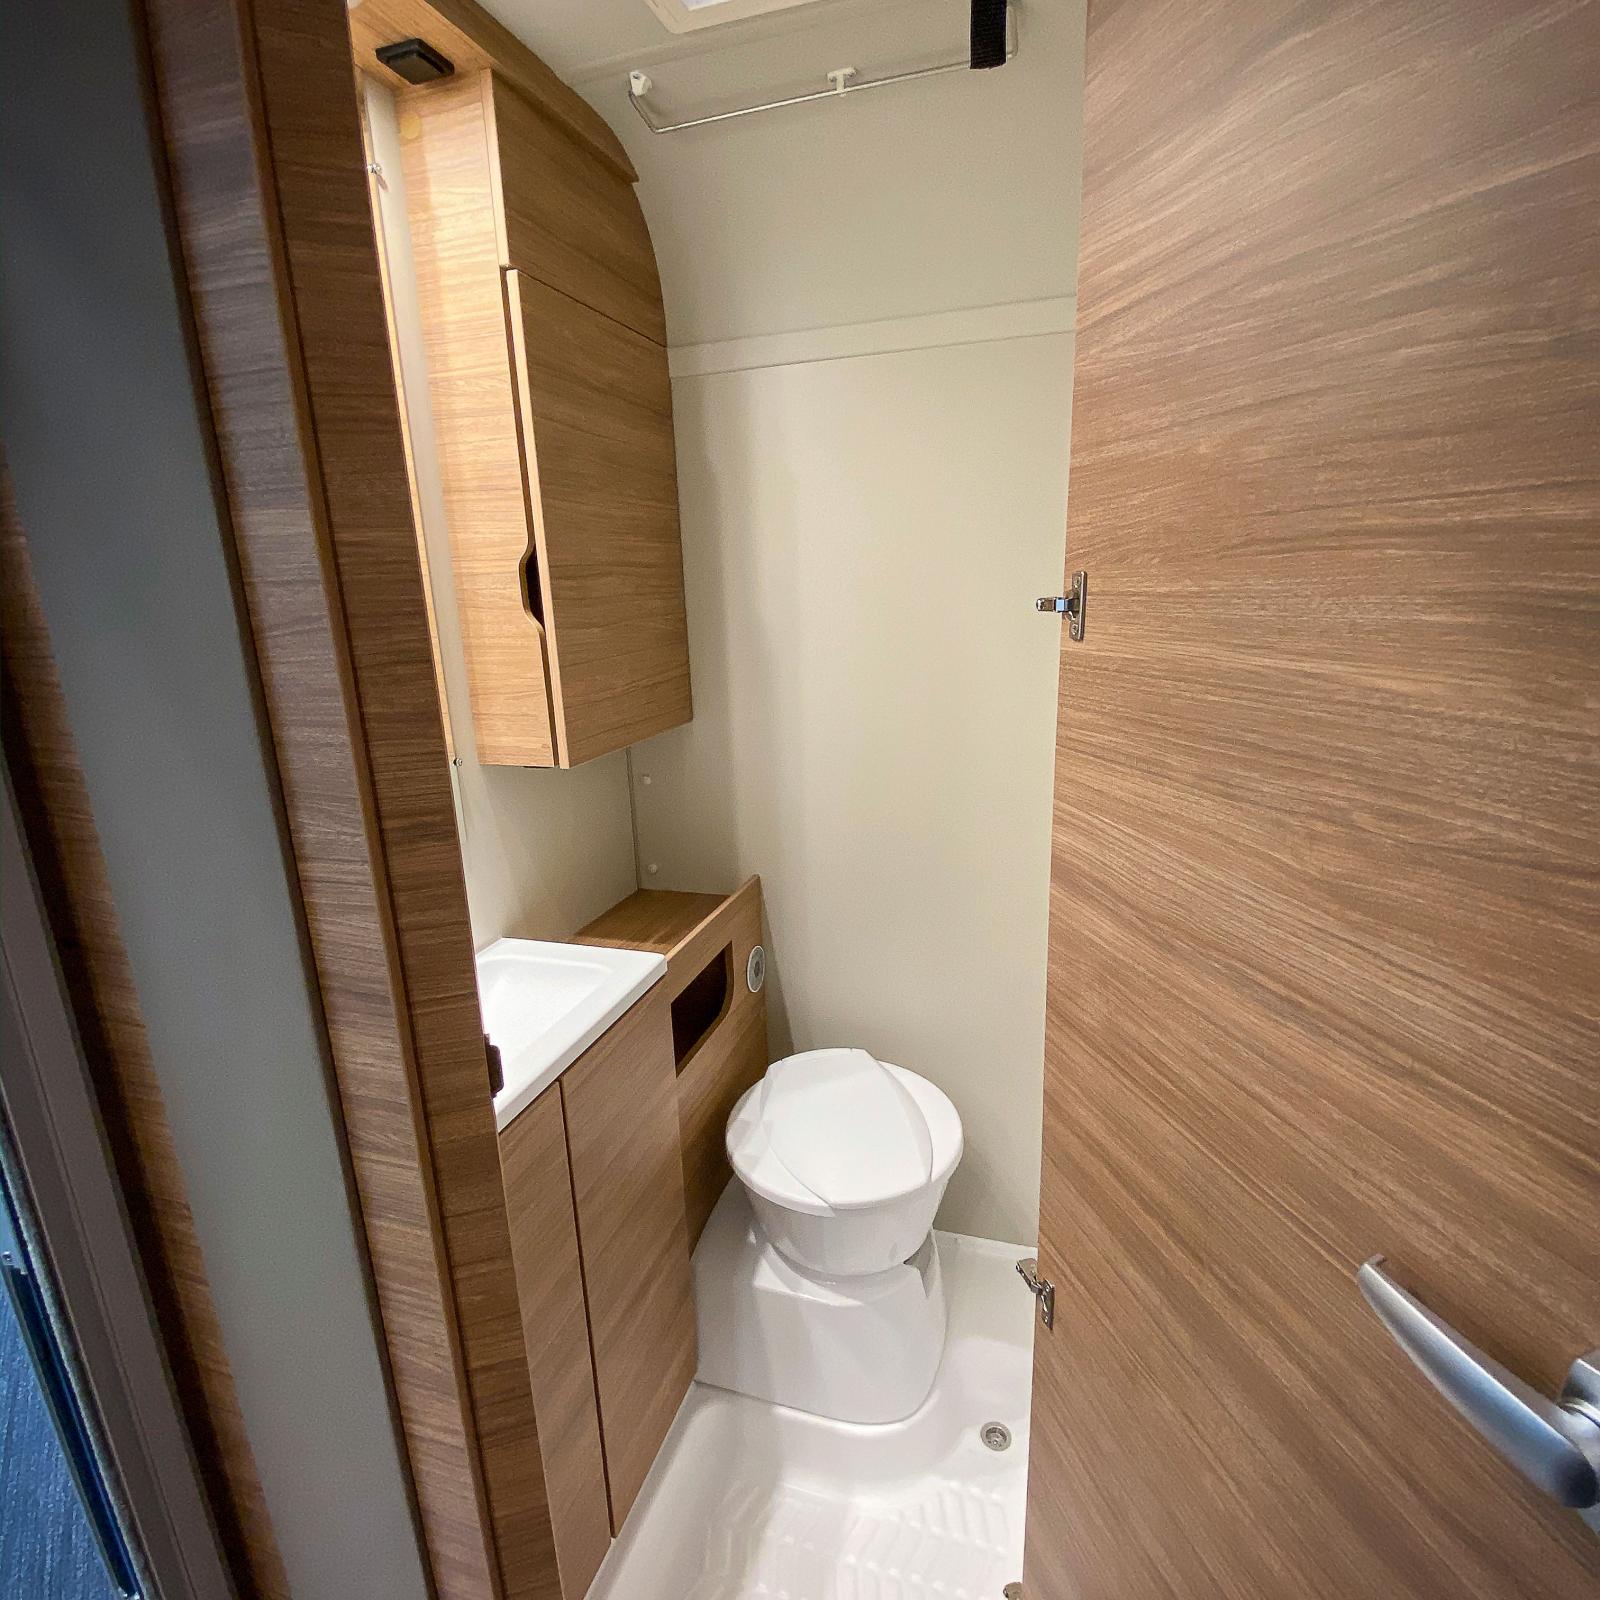 Toalettutrymmet är litet men innefattar ändå skåputrymmen.